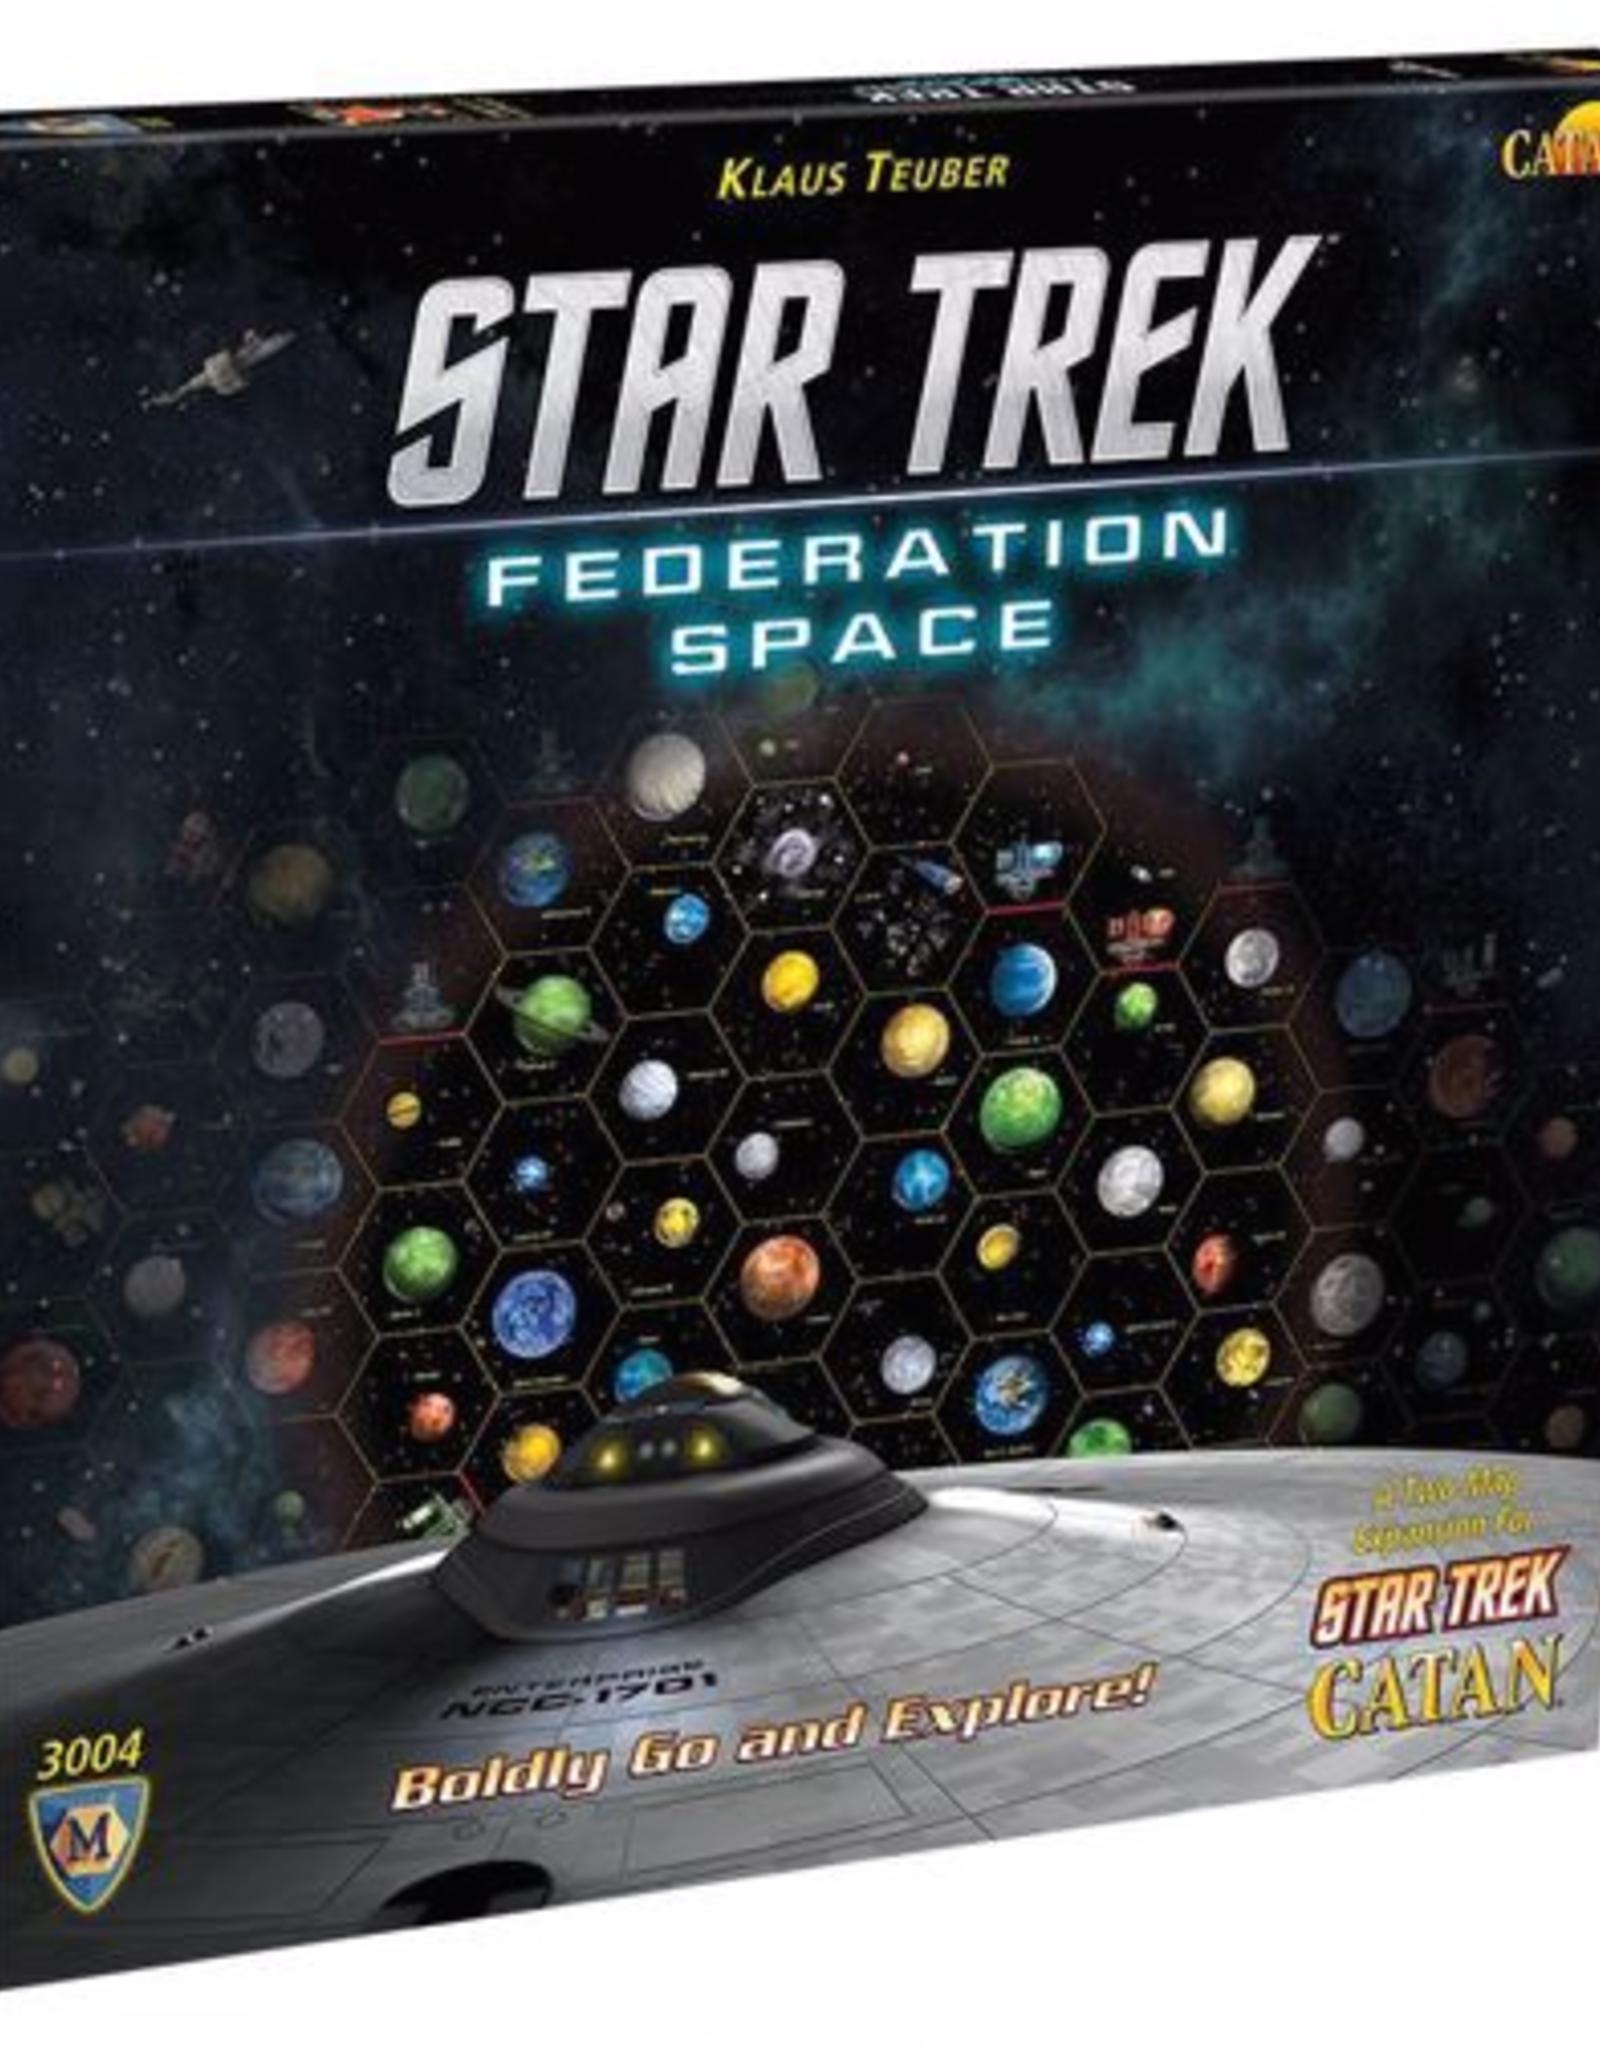 Catan Studio Star Trek Exp Federation Space Map